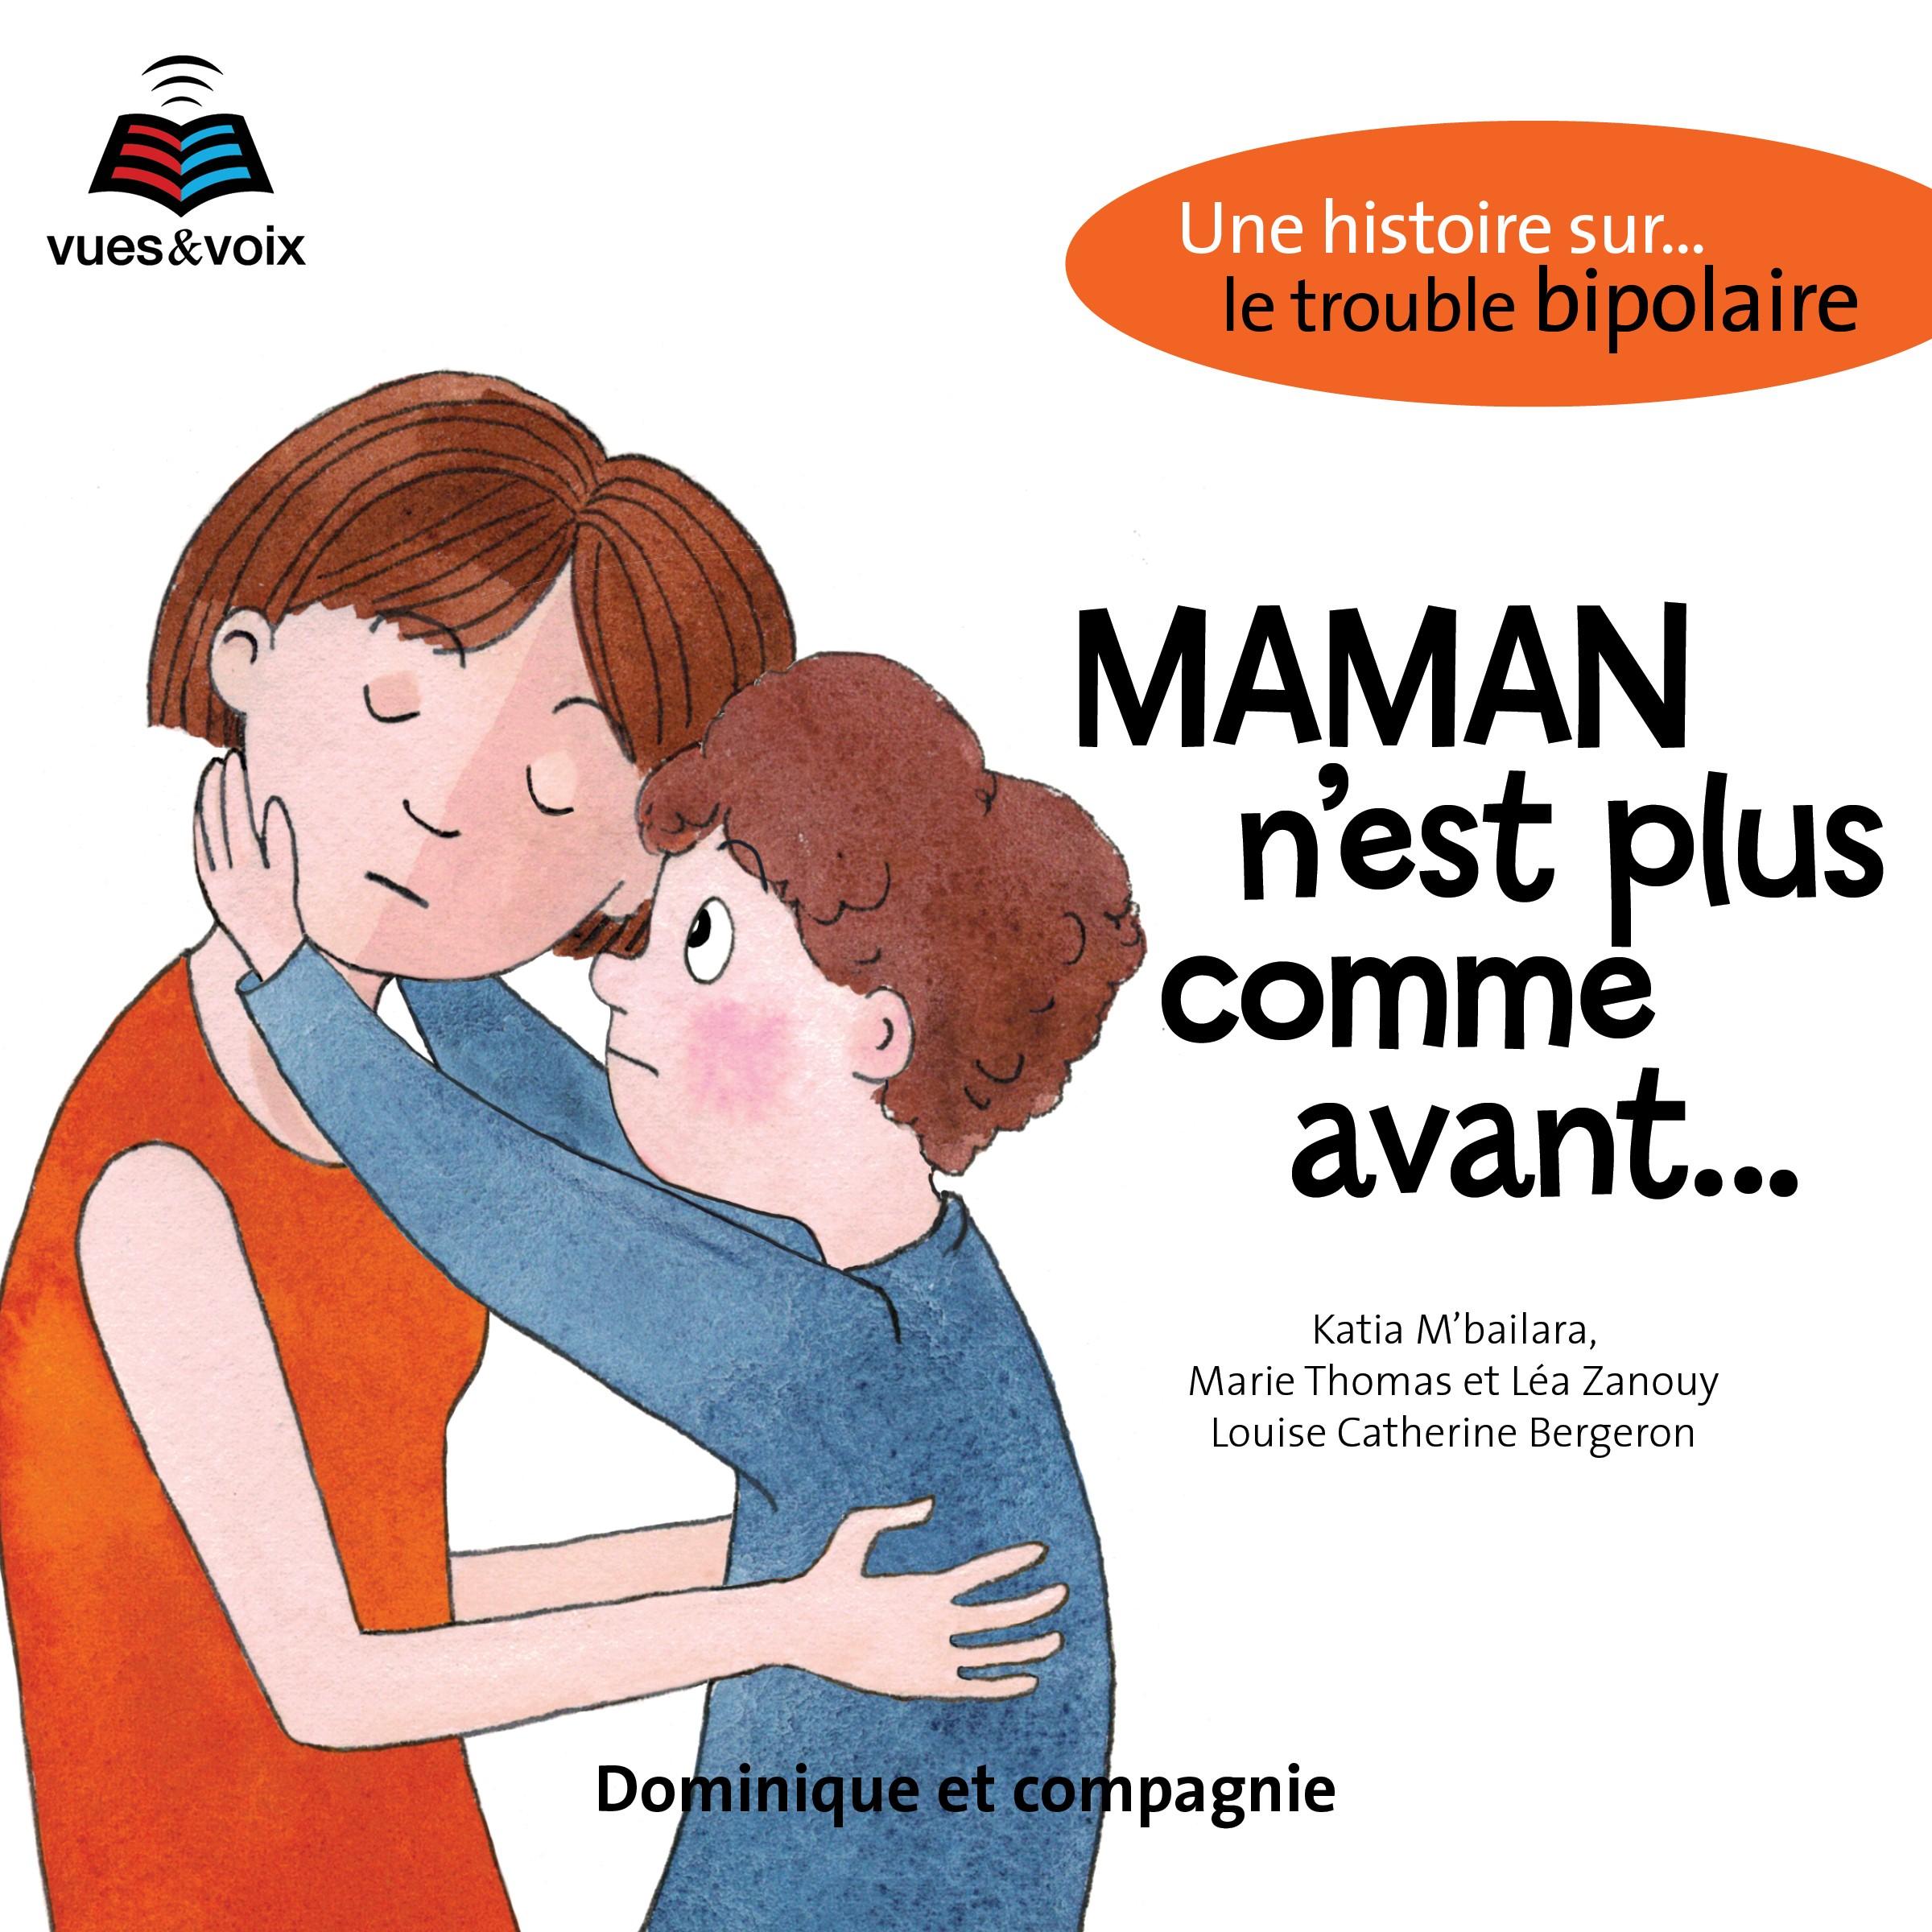 Maman n'est plus comme avant...: une histoire sur le trouble bipolaire